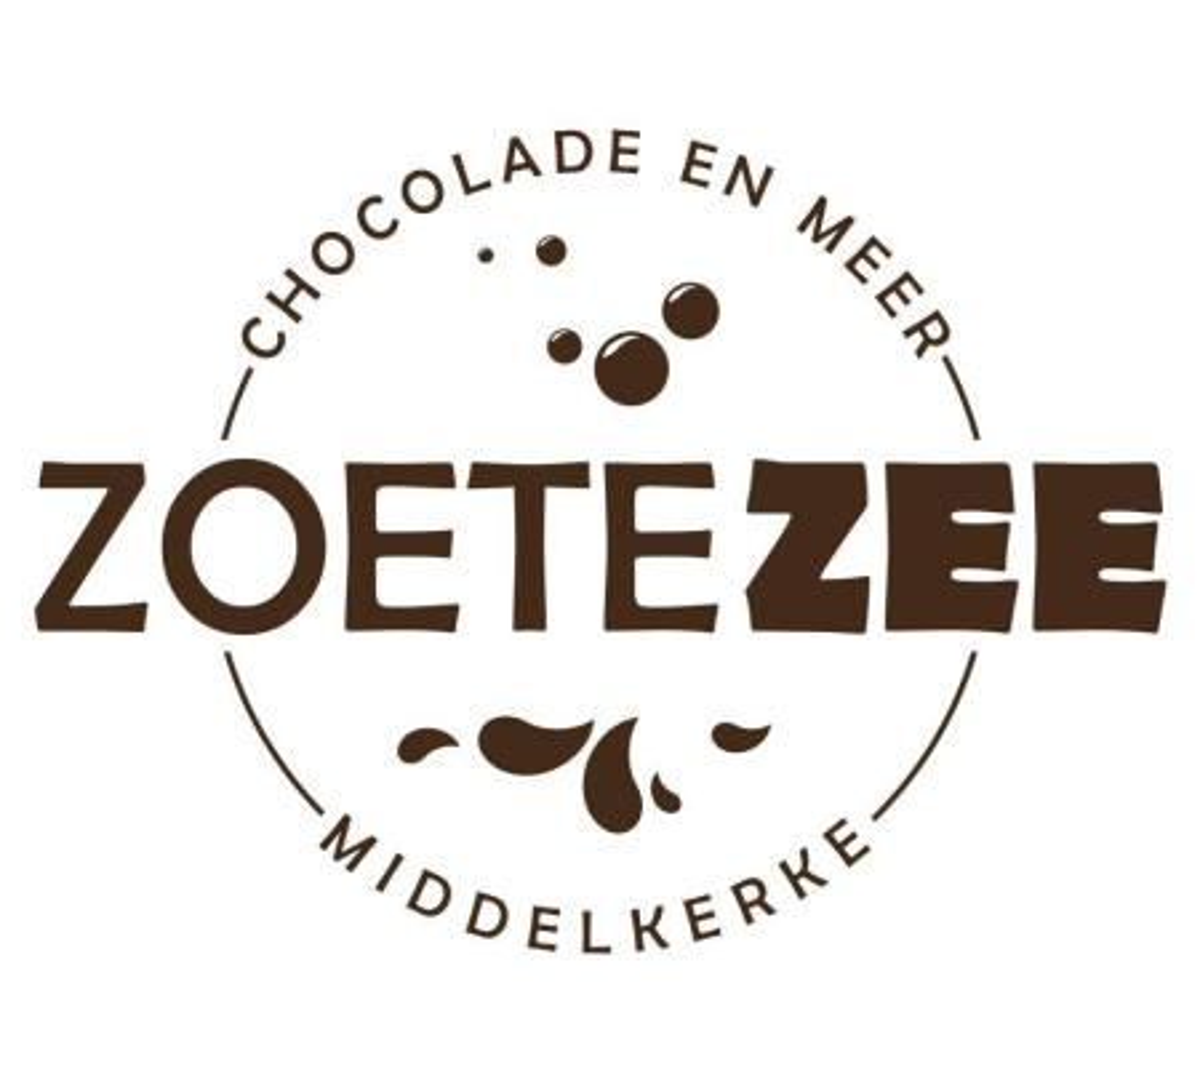 Zoetezee